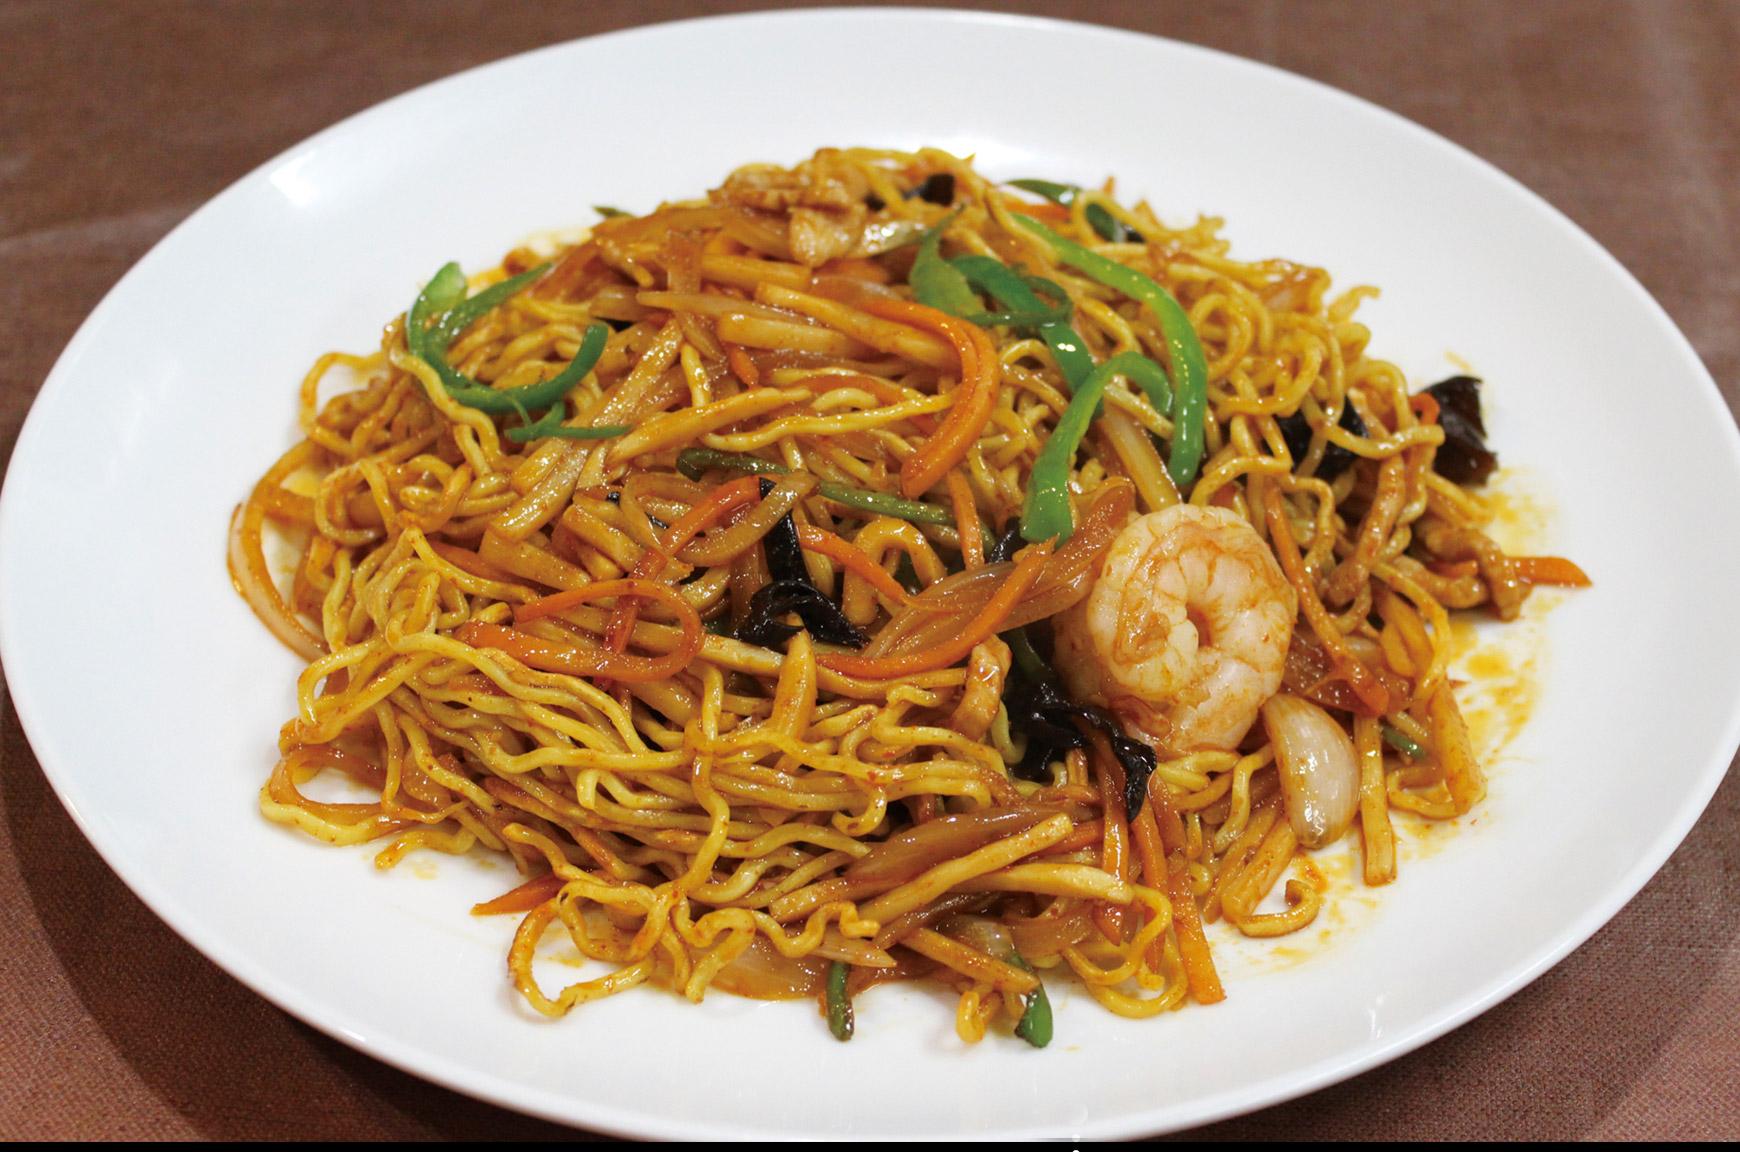 【季香園炒麺】季香園特製焼きそば